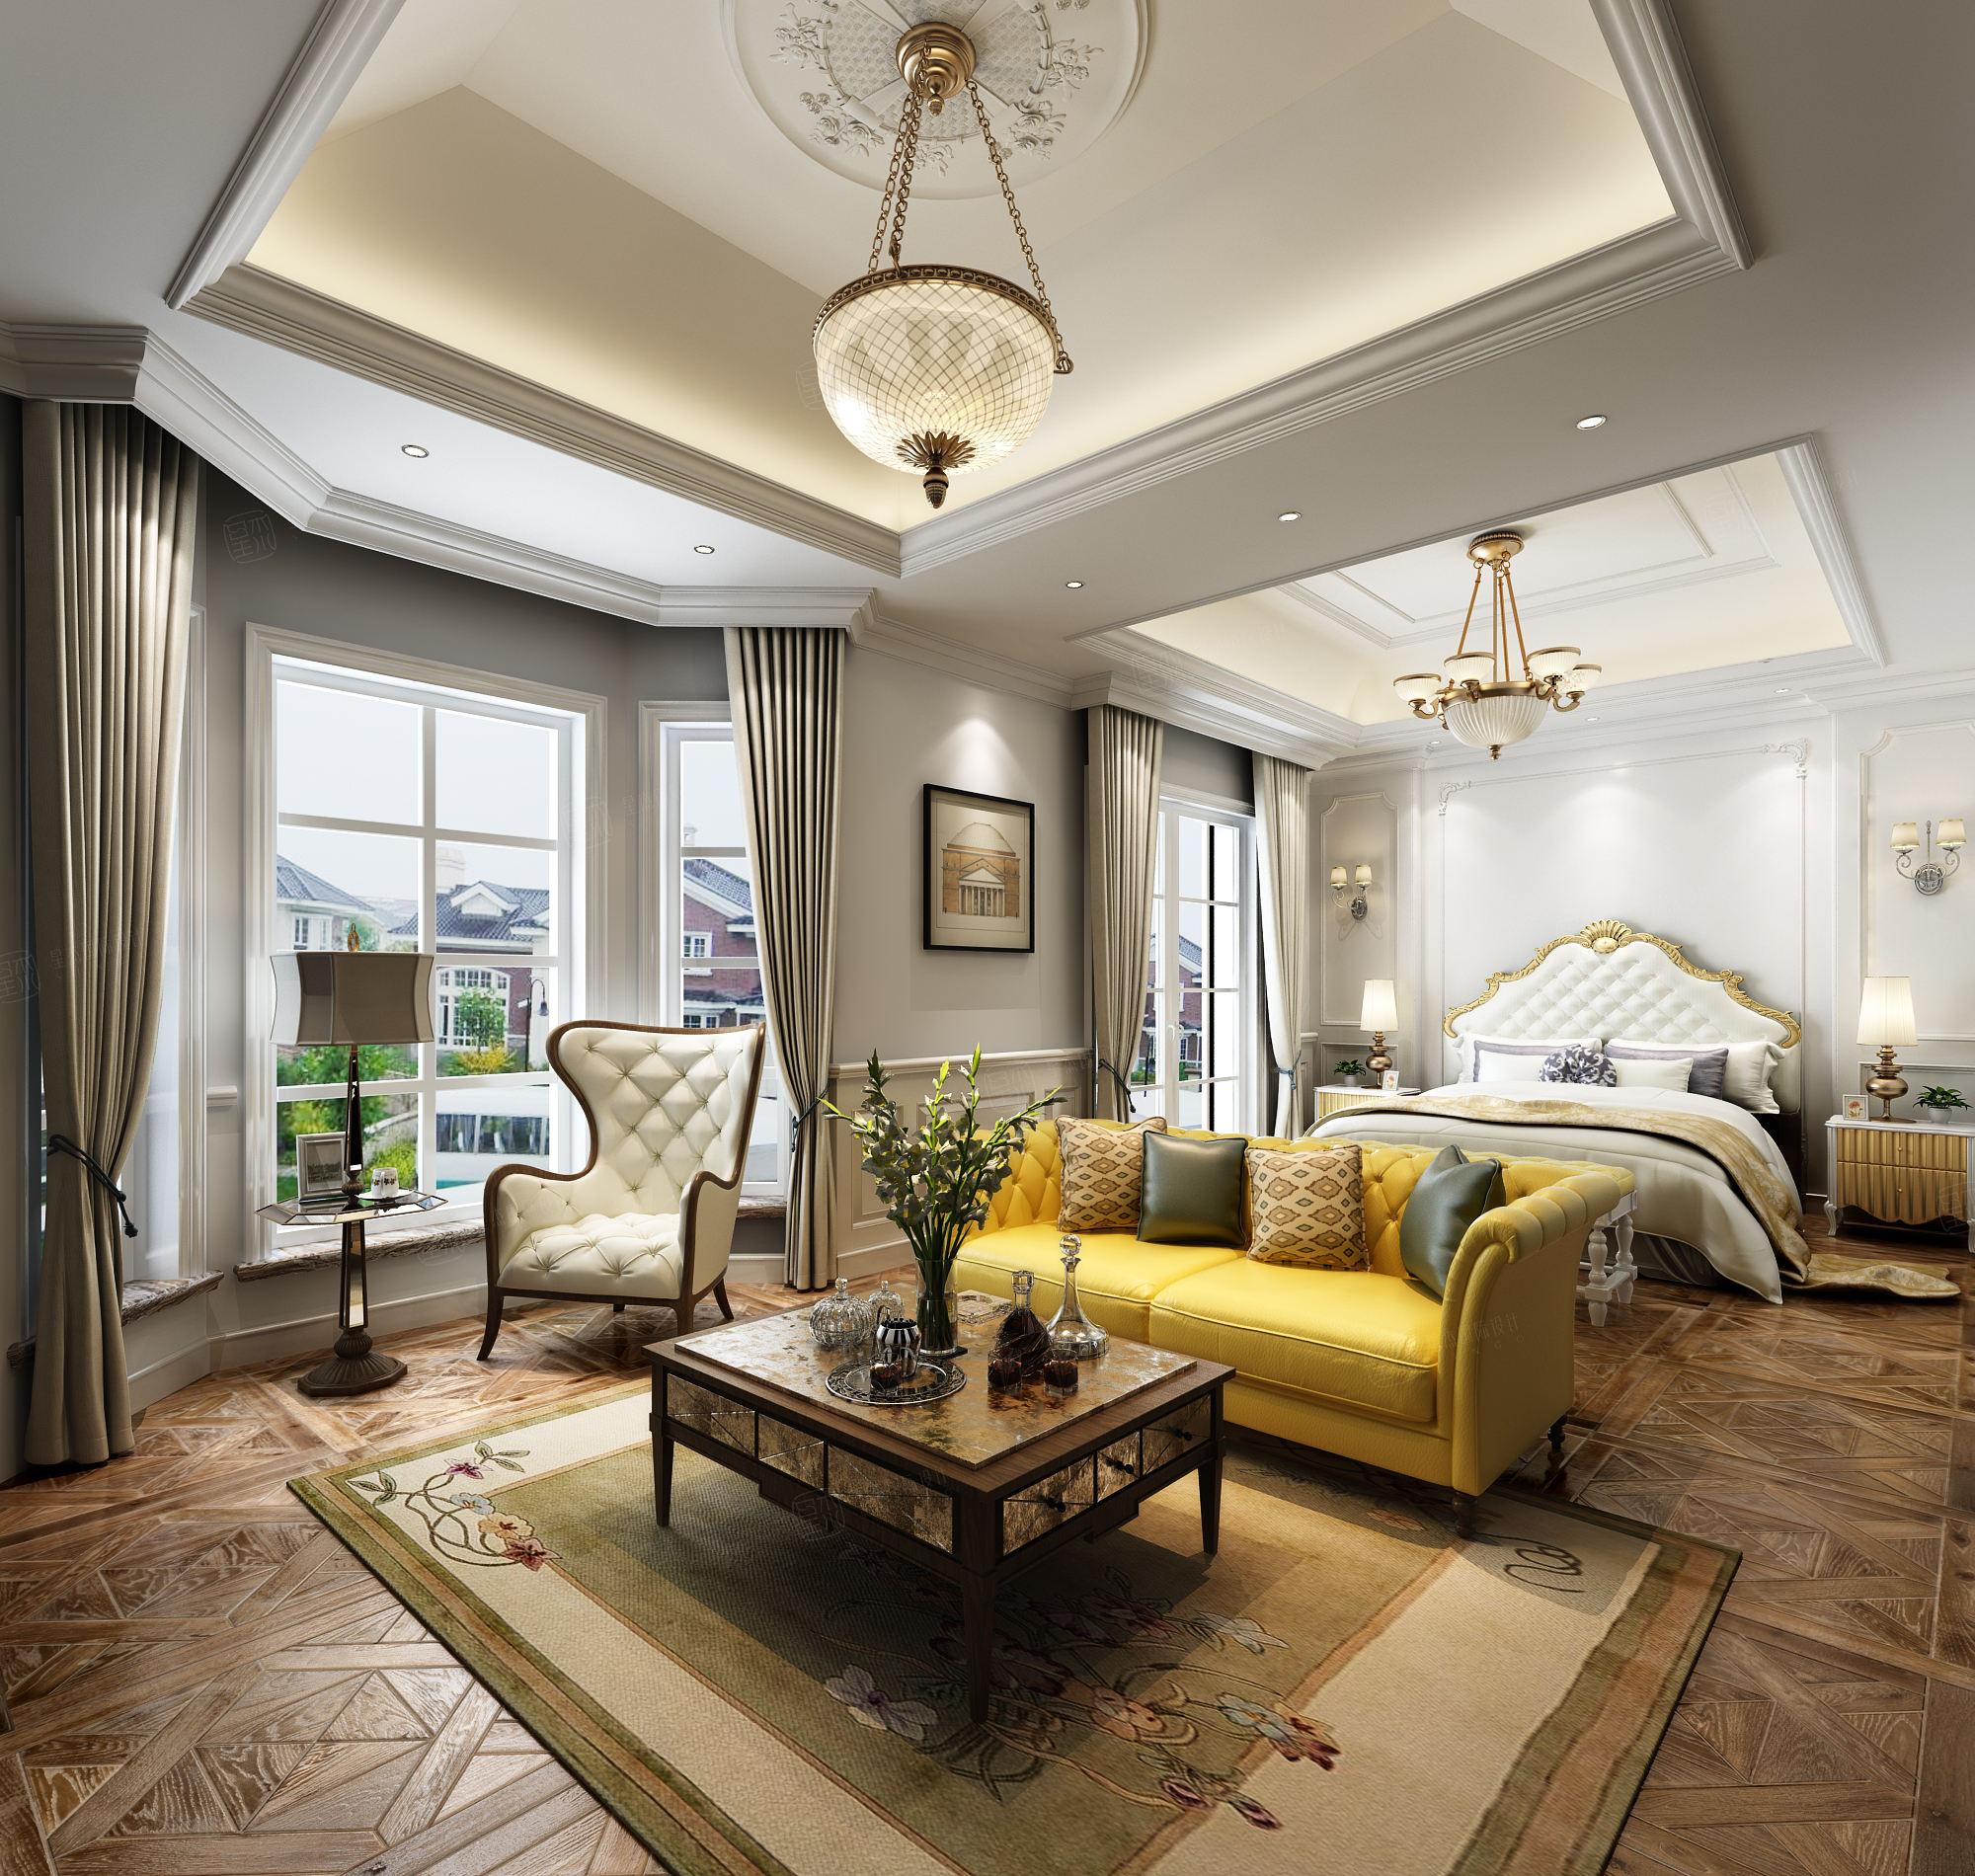 罗山绿洲别墅 美式装修起居室效果图